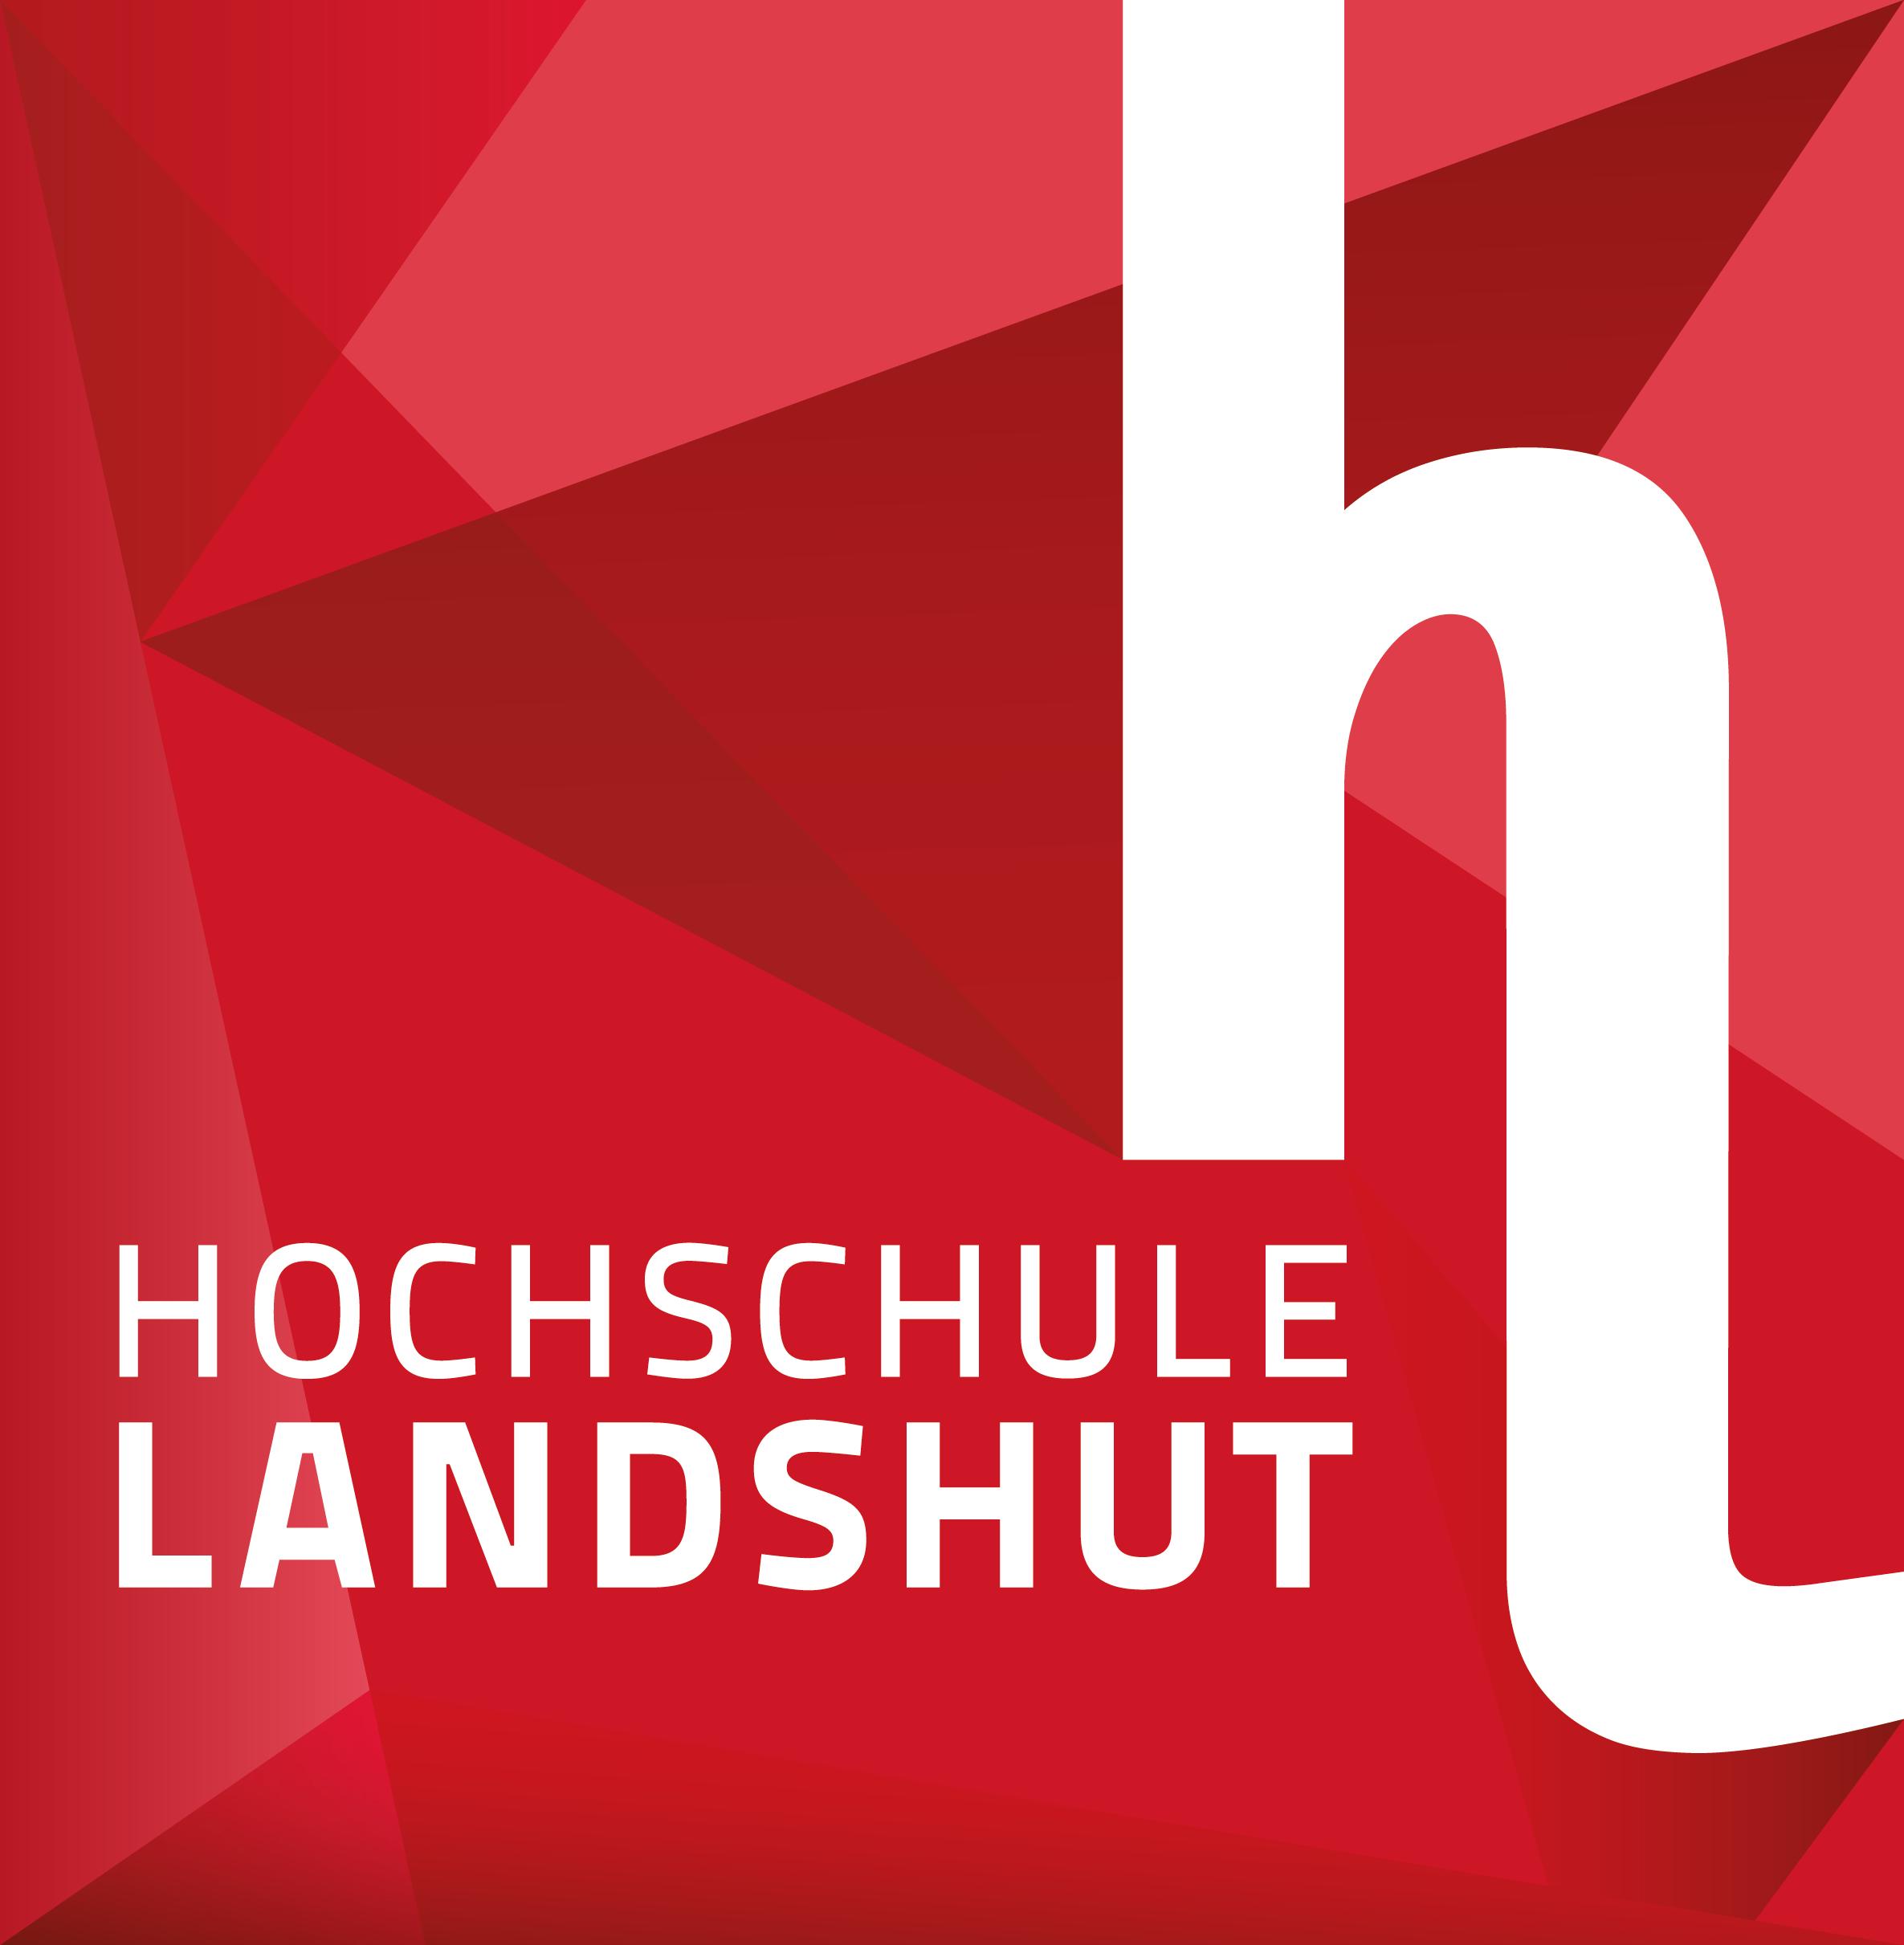 Hochschule für angewandte Wissenschaften Landshut